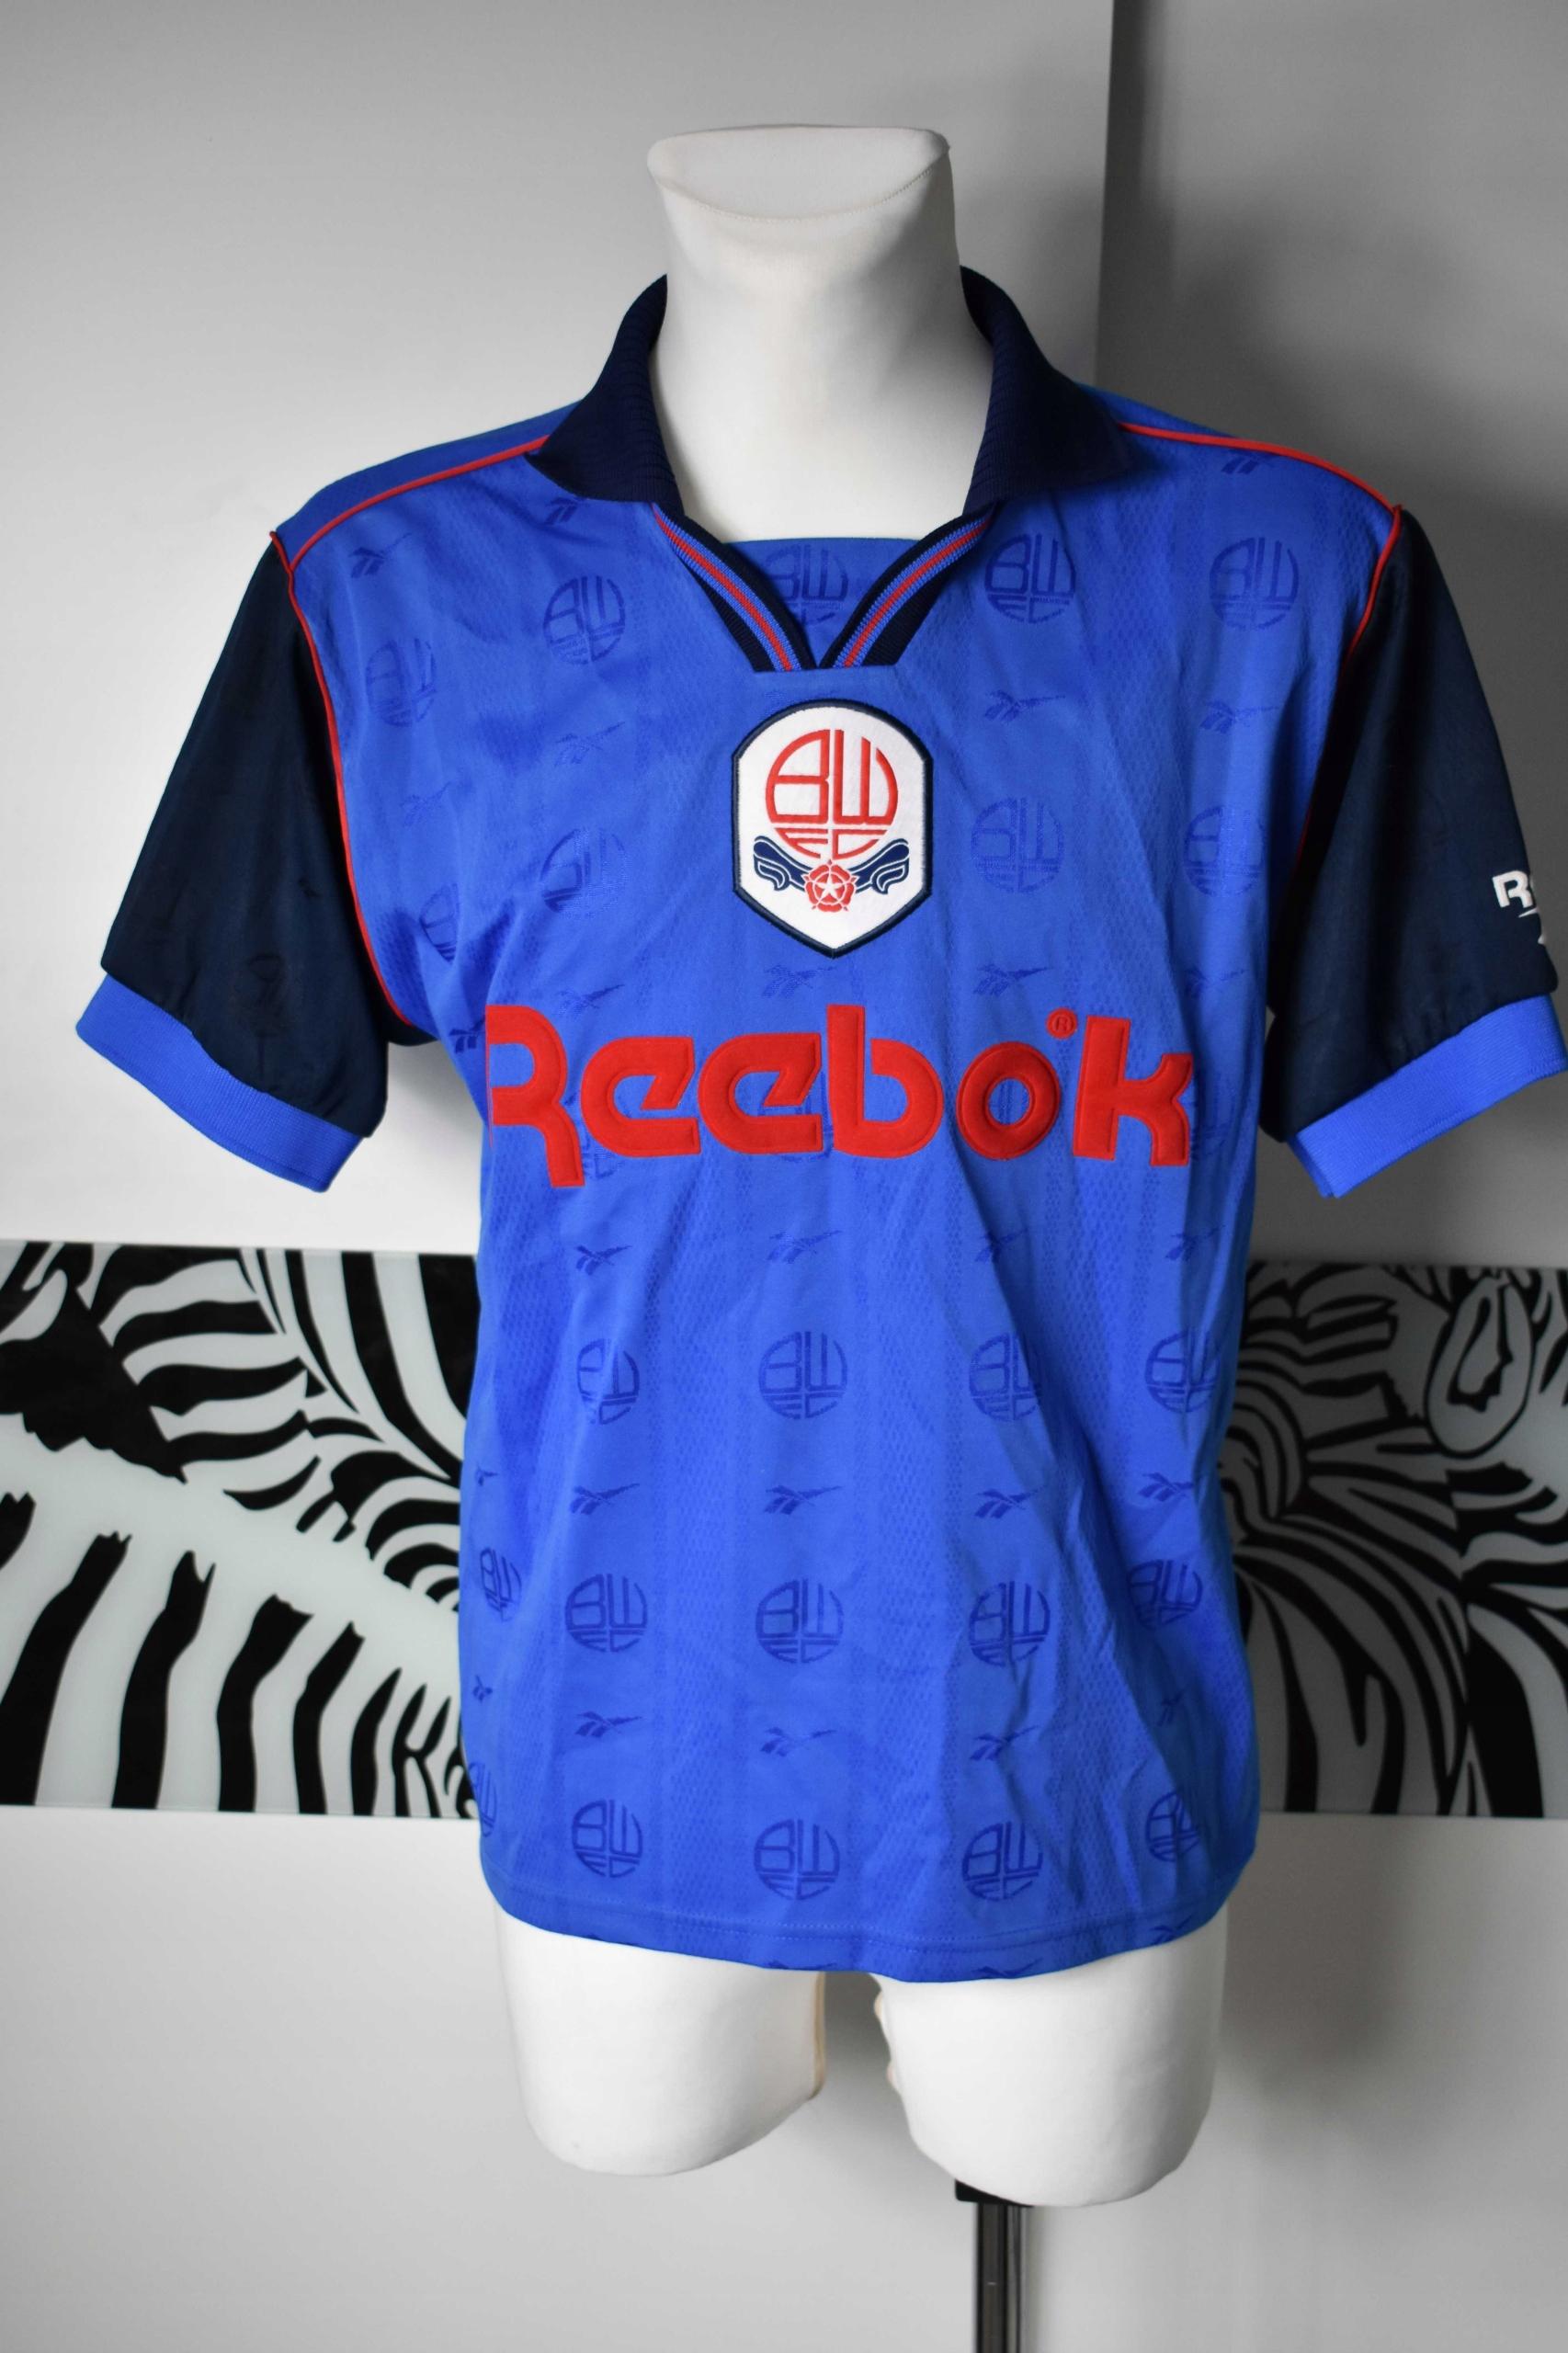 Bolton 1995 - 1997 reebok koszulka okazja tanio